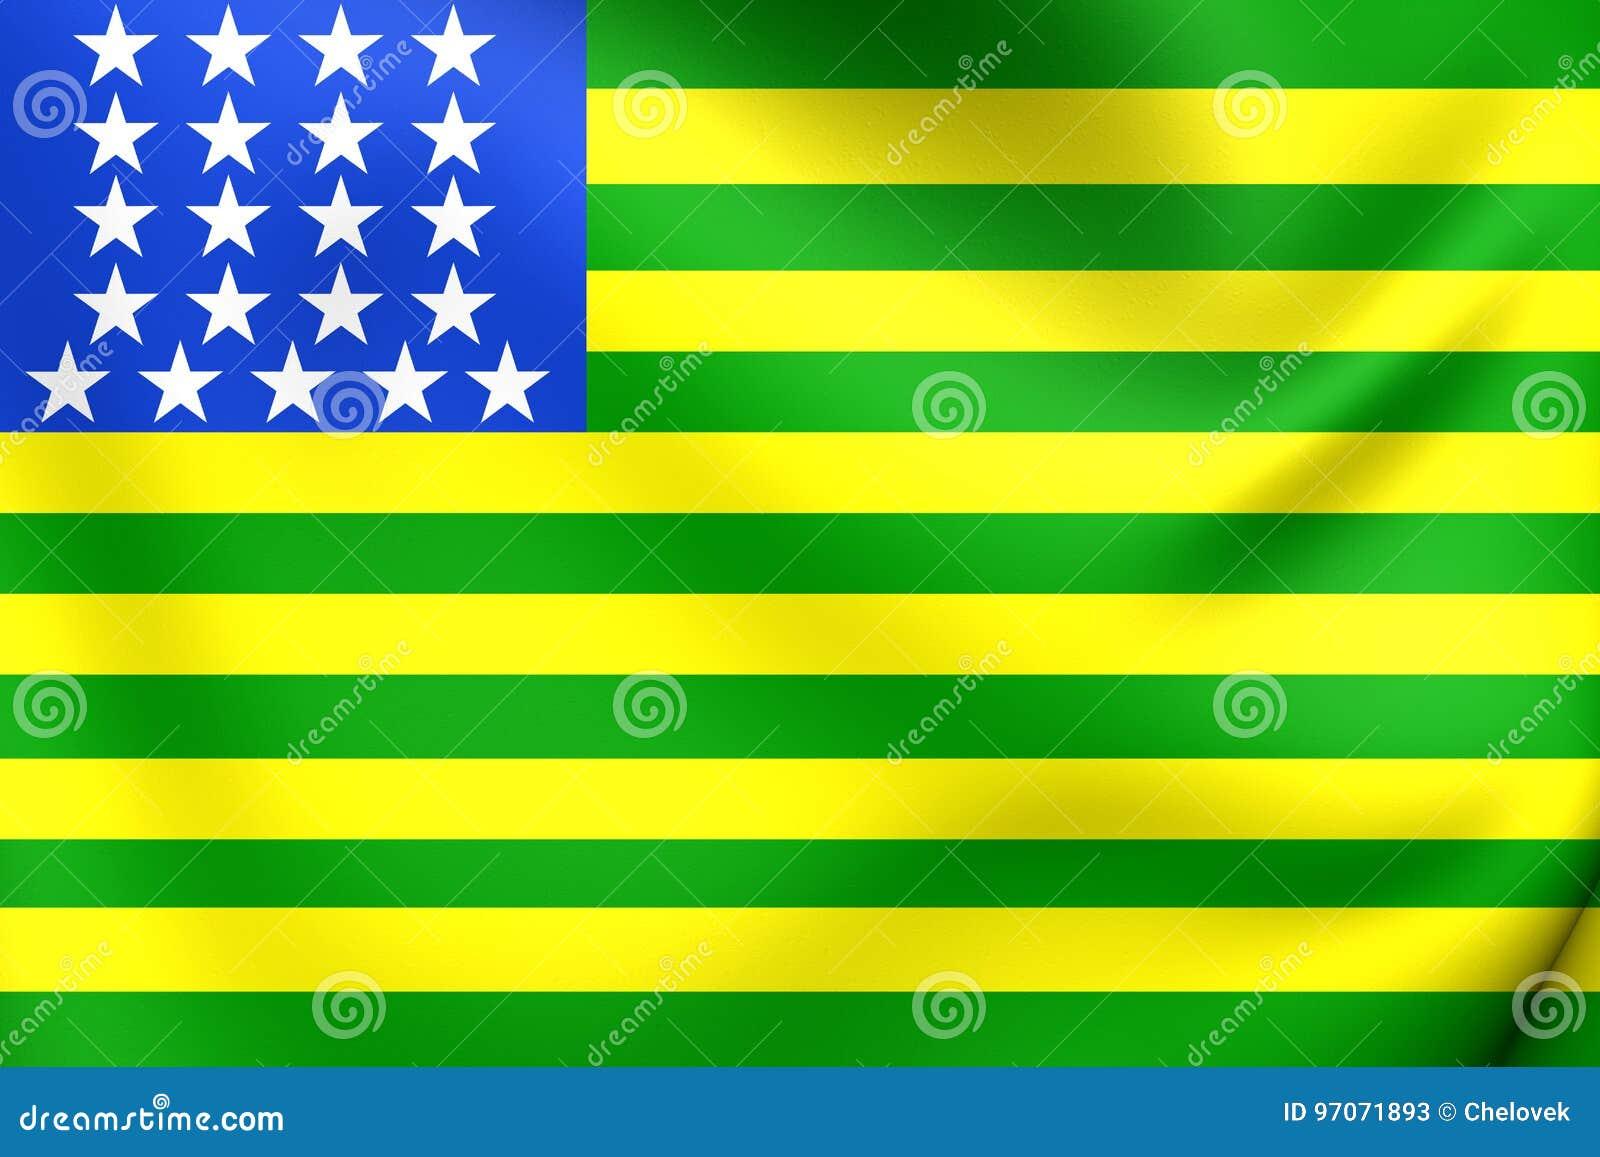 Pierwszy Republikańska Brazylijczyk Flaga, Stany Zjednoczone